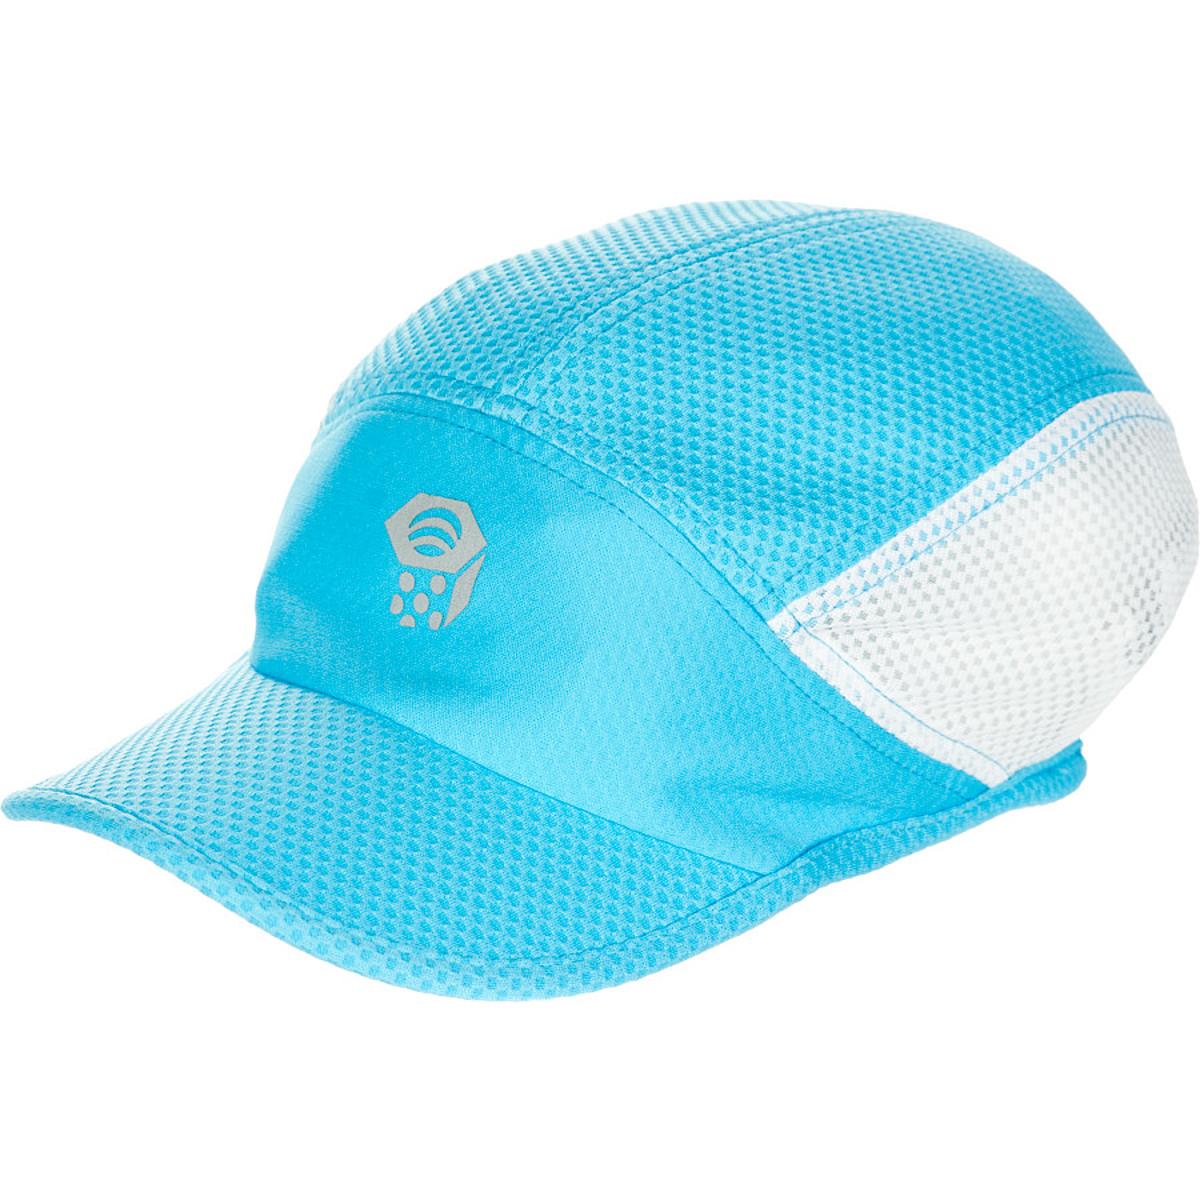 Mountain Hardwear Carinae Running Hat